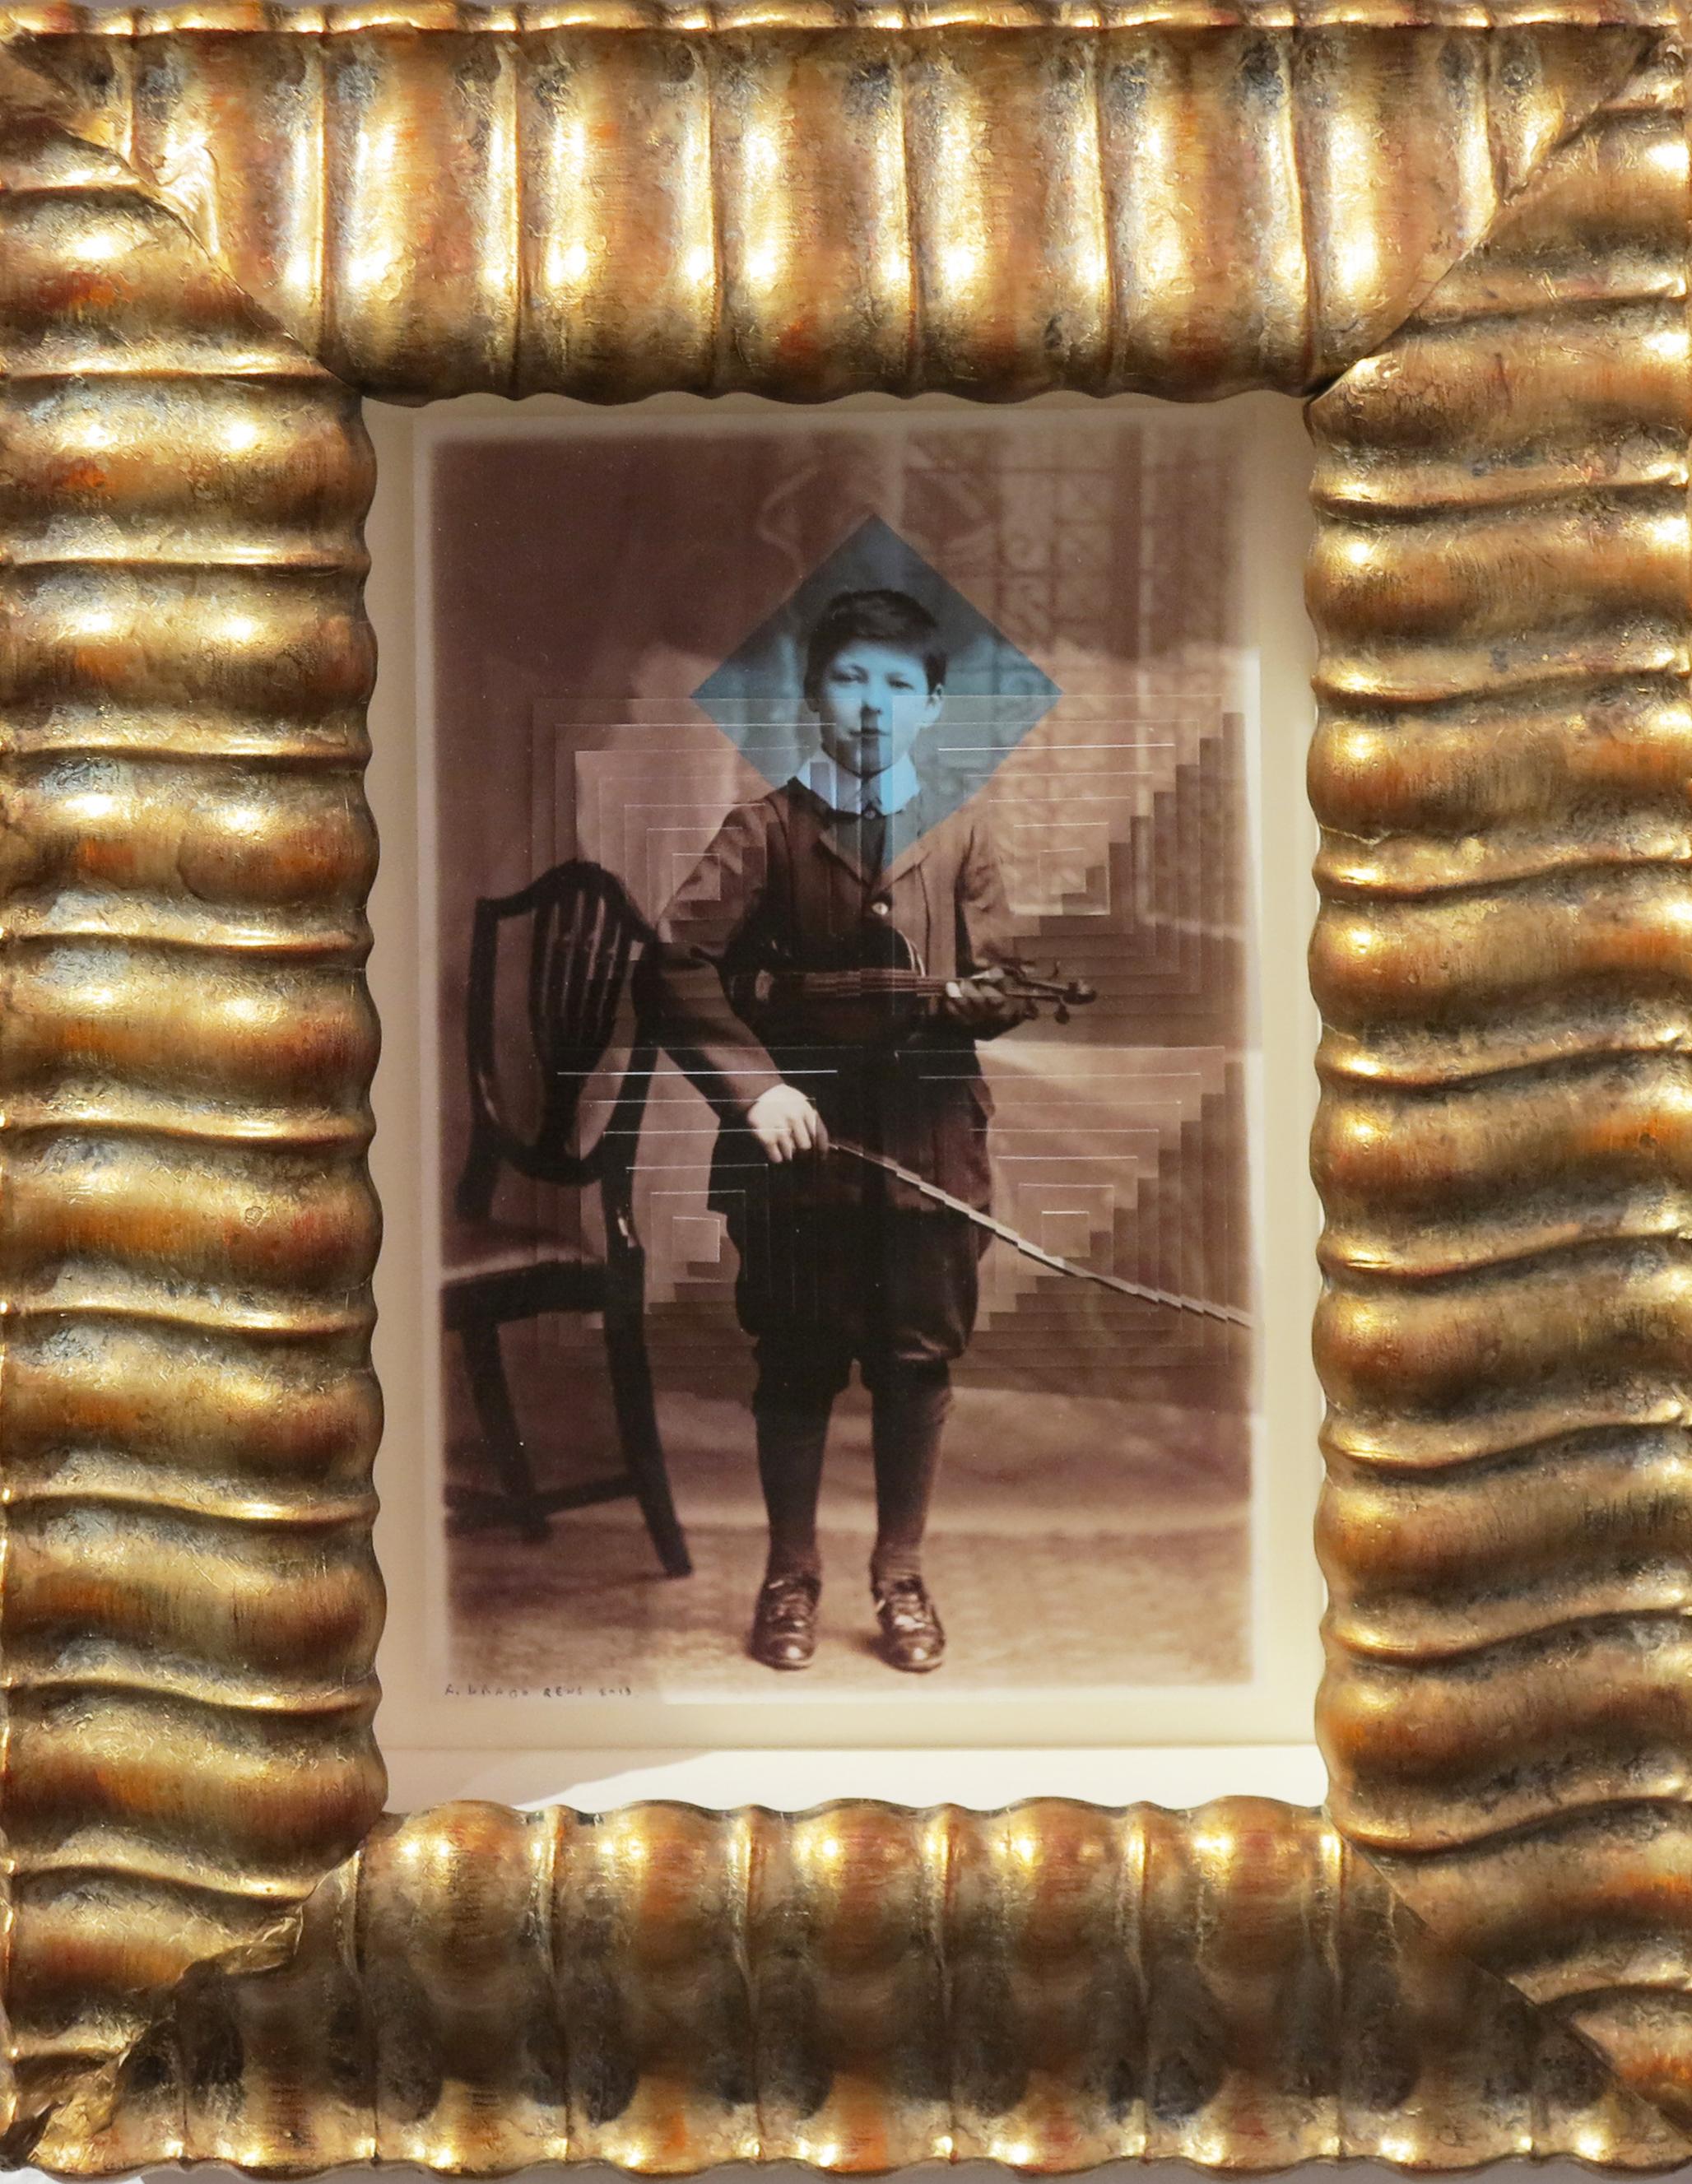 27. Galleria-l'Affiche_Alfred-Drago-Rens_Piccolo-violinista_2013_48x36.jpg